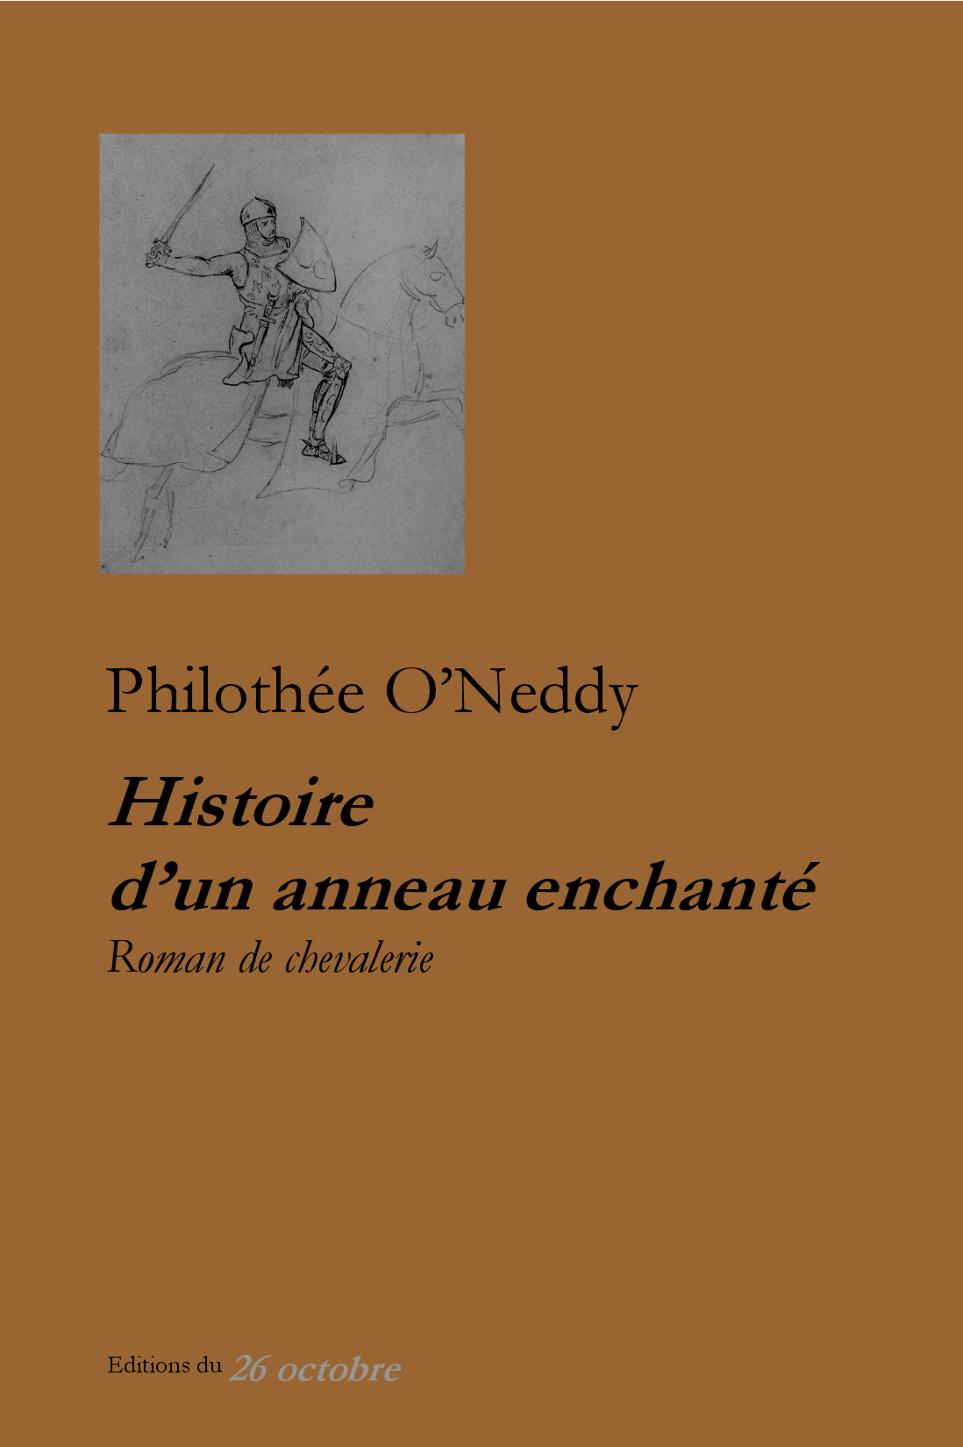 Ph. O'Neddy, Histoire d'un anneau enchanté, roman de chevalerie